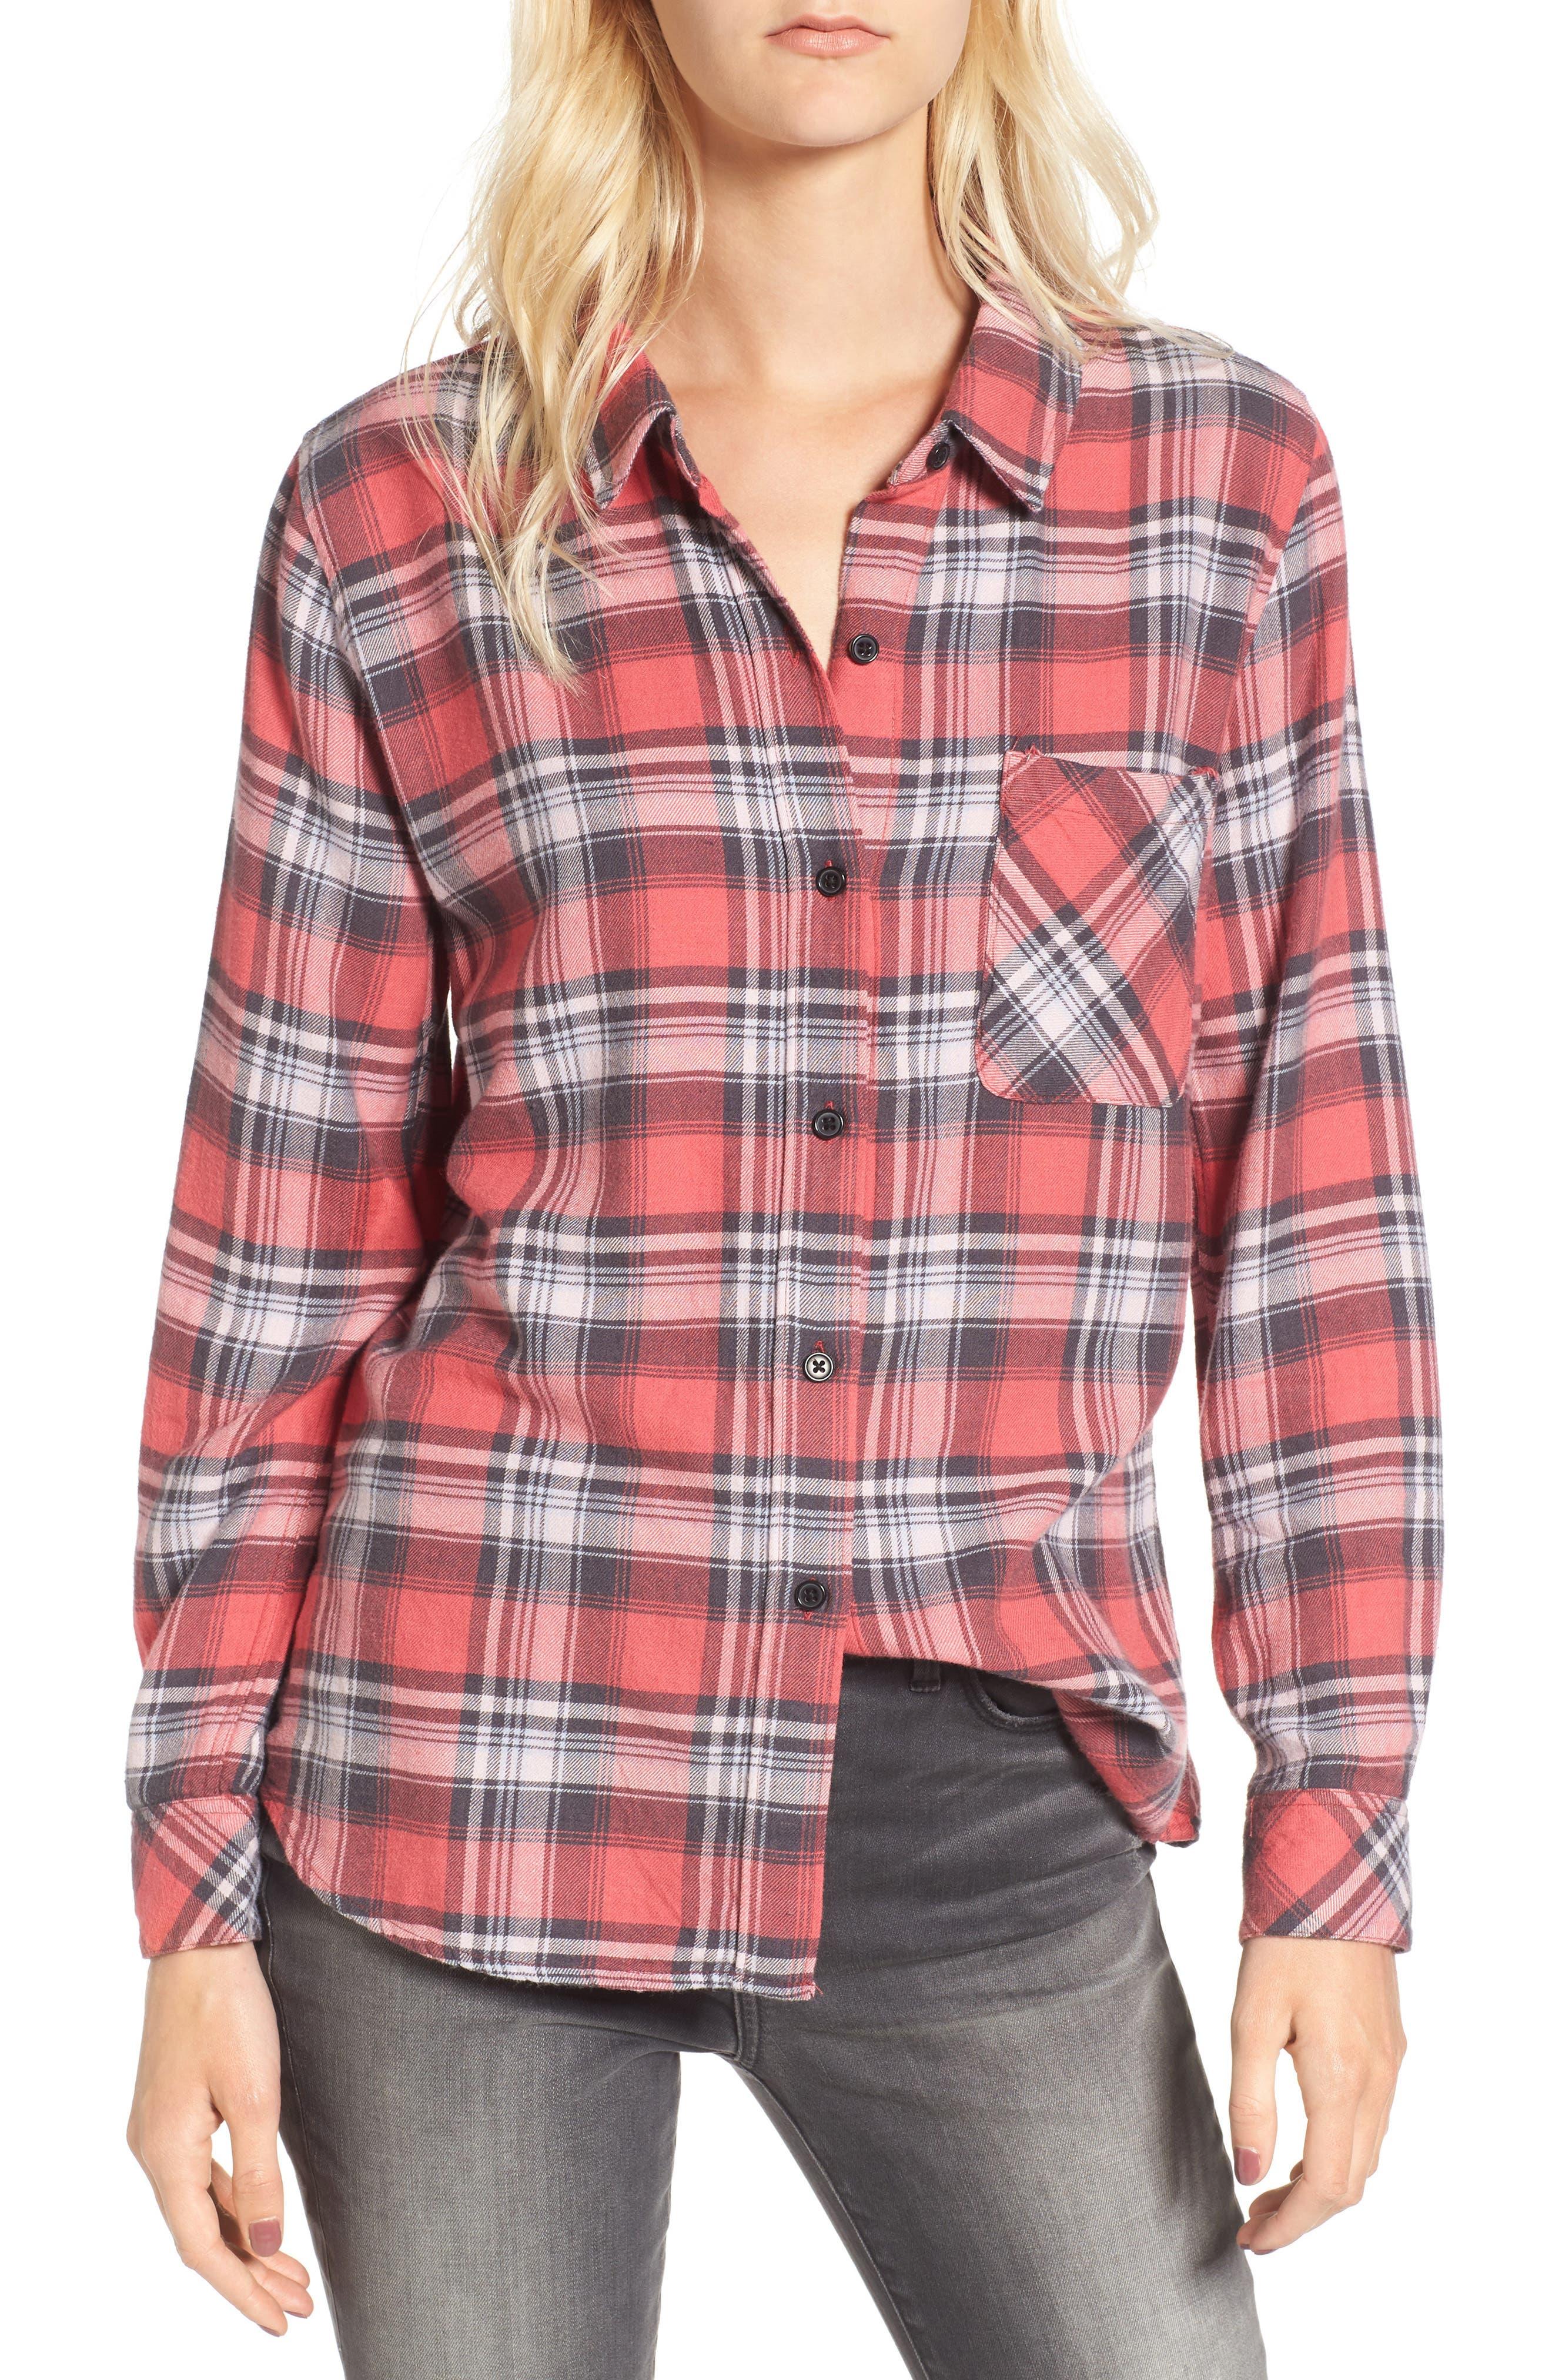 Milo Plaid Shirt,                         Main,                         color, Bonfire/ Ash